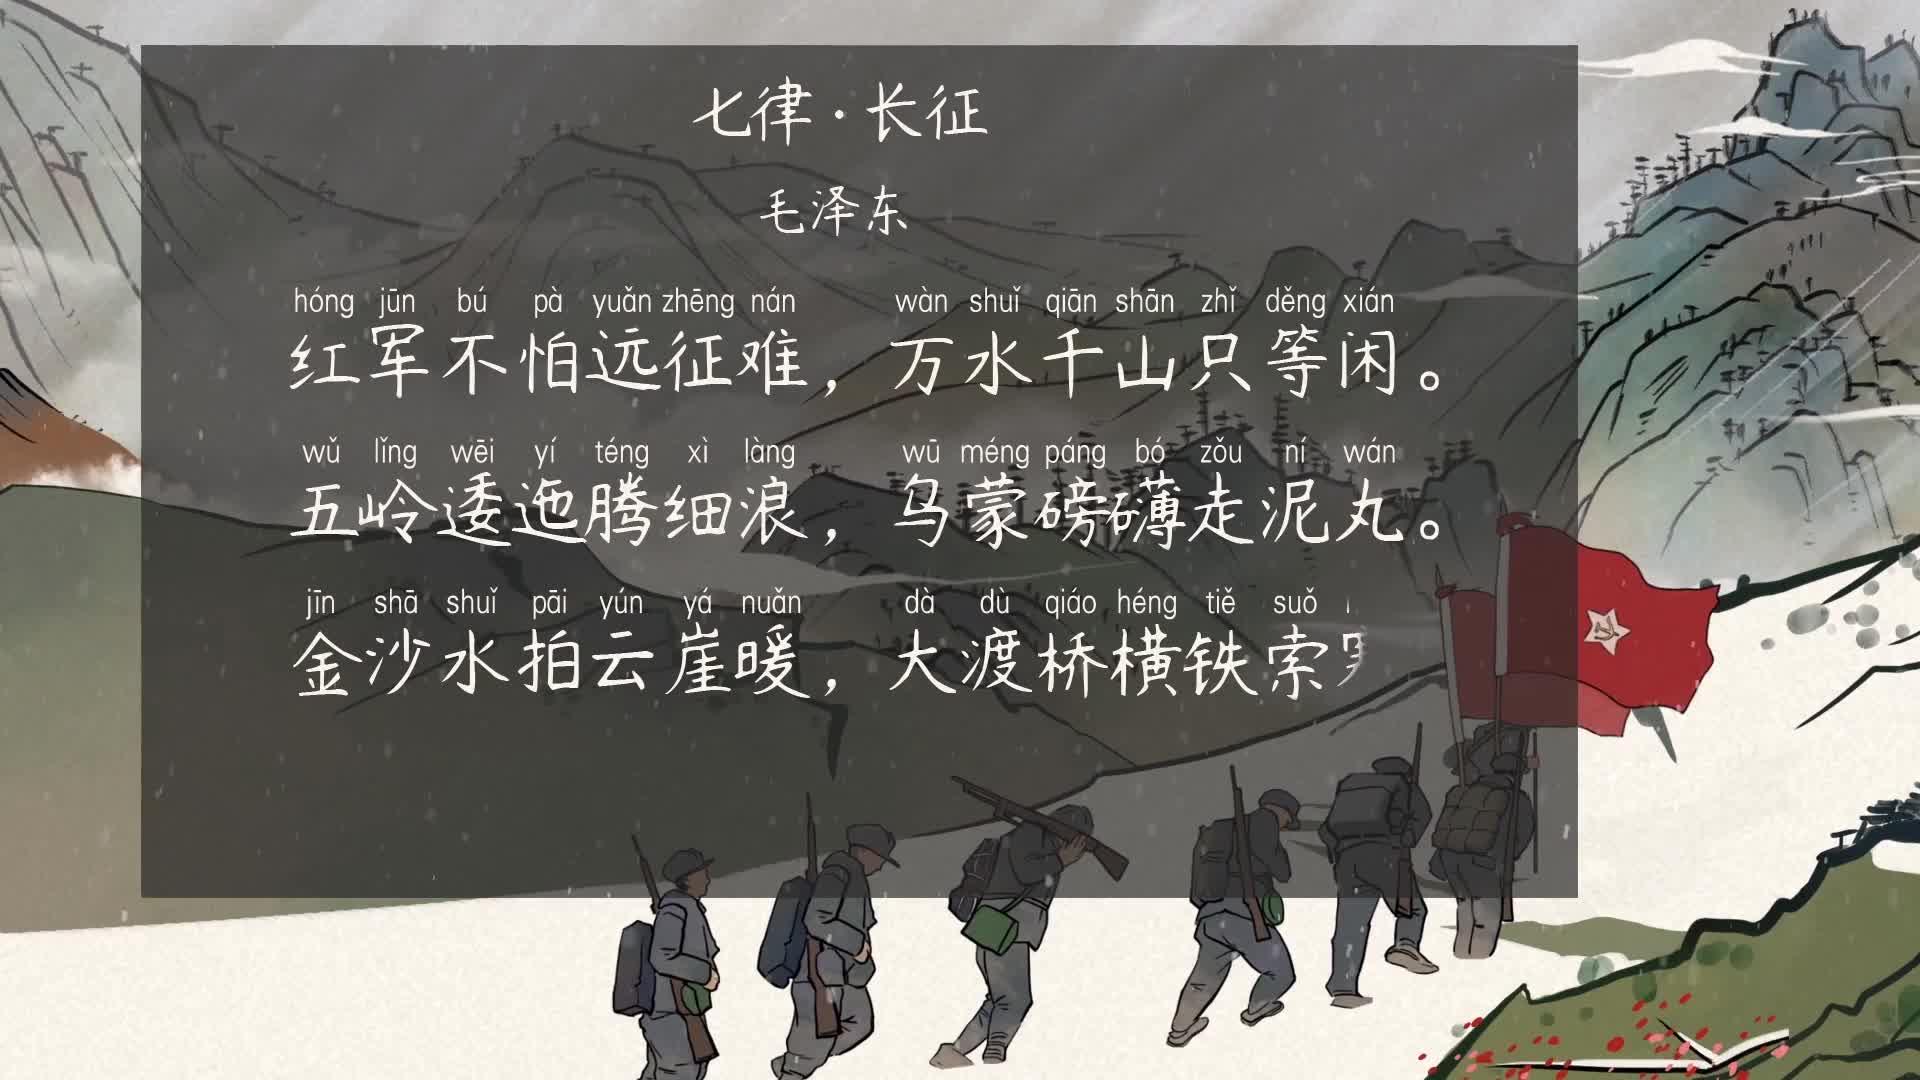 《小学古诗》94七律·长征-毛泽东